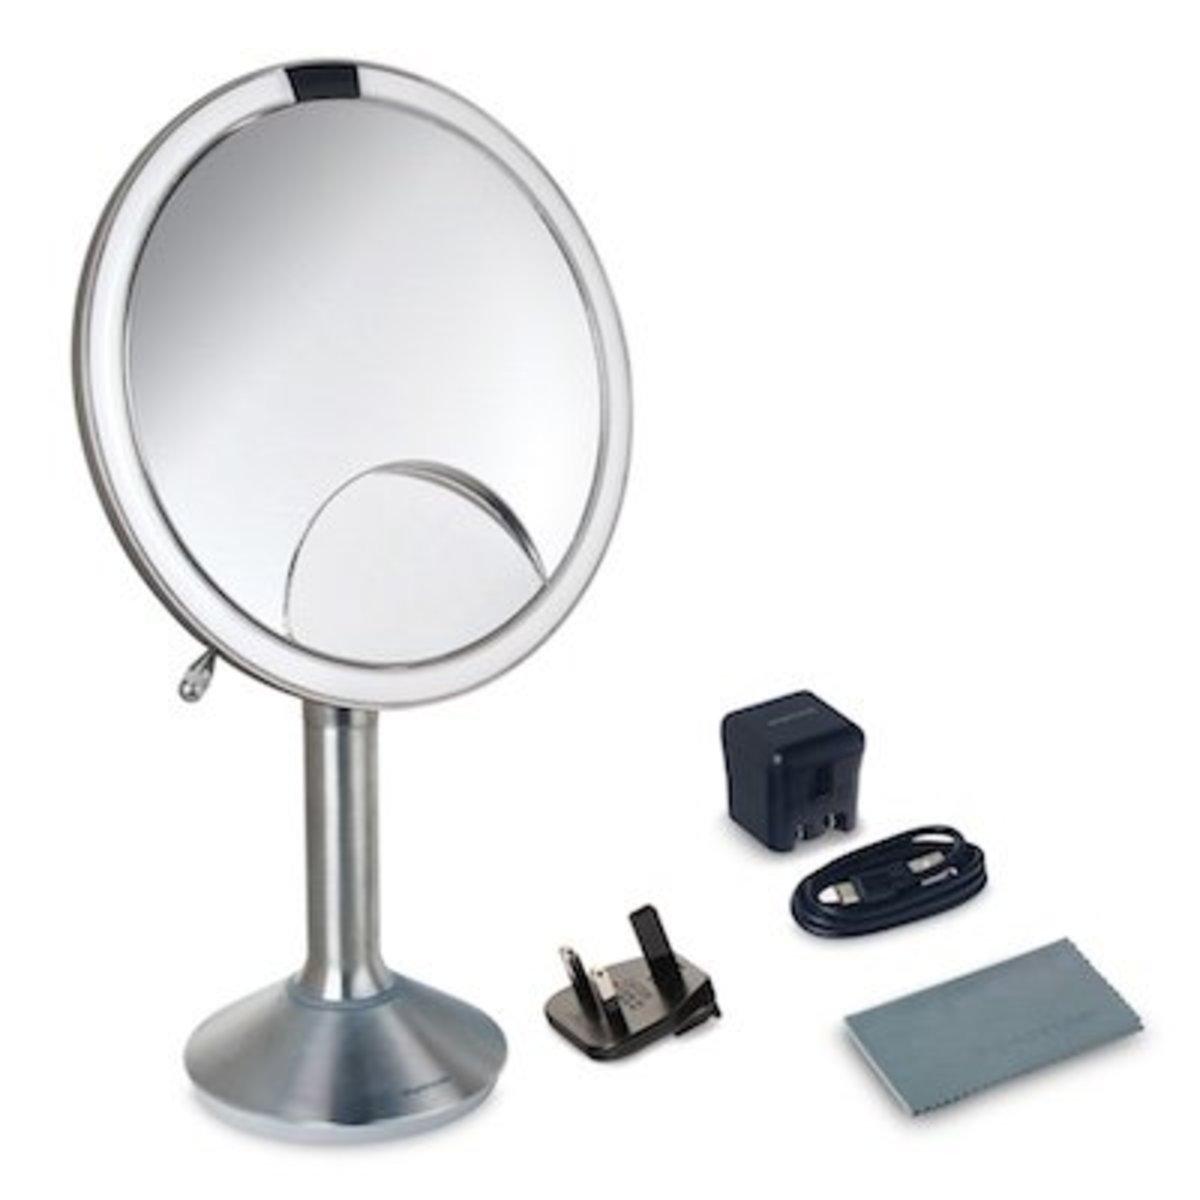 8吋三合一自動感應座檯鏡【香港行貨】